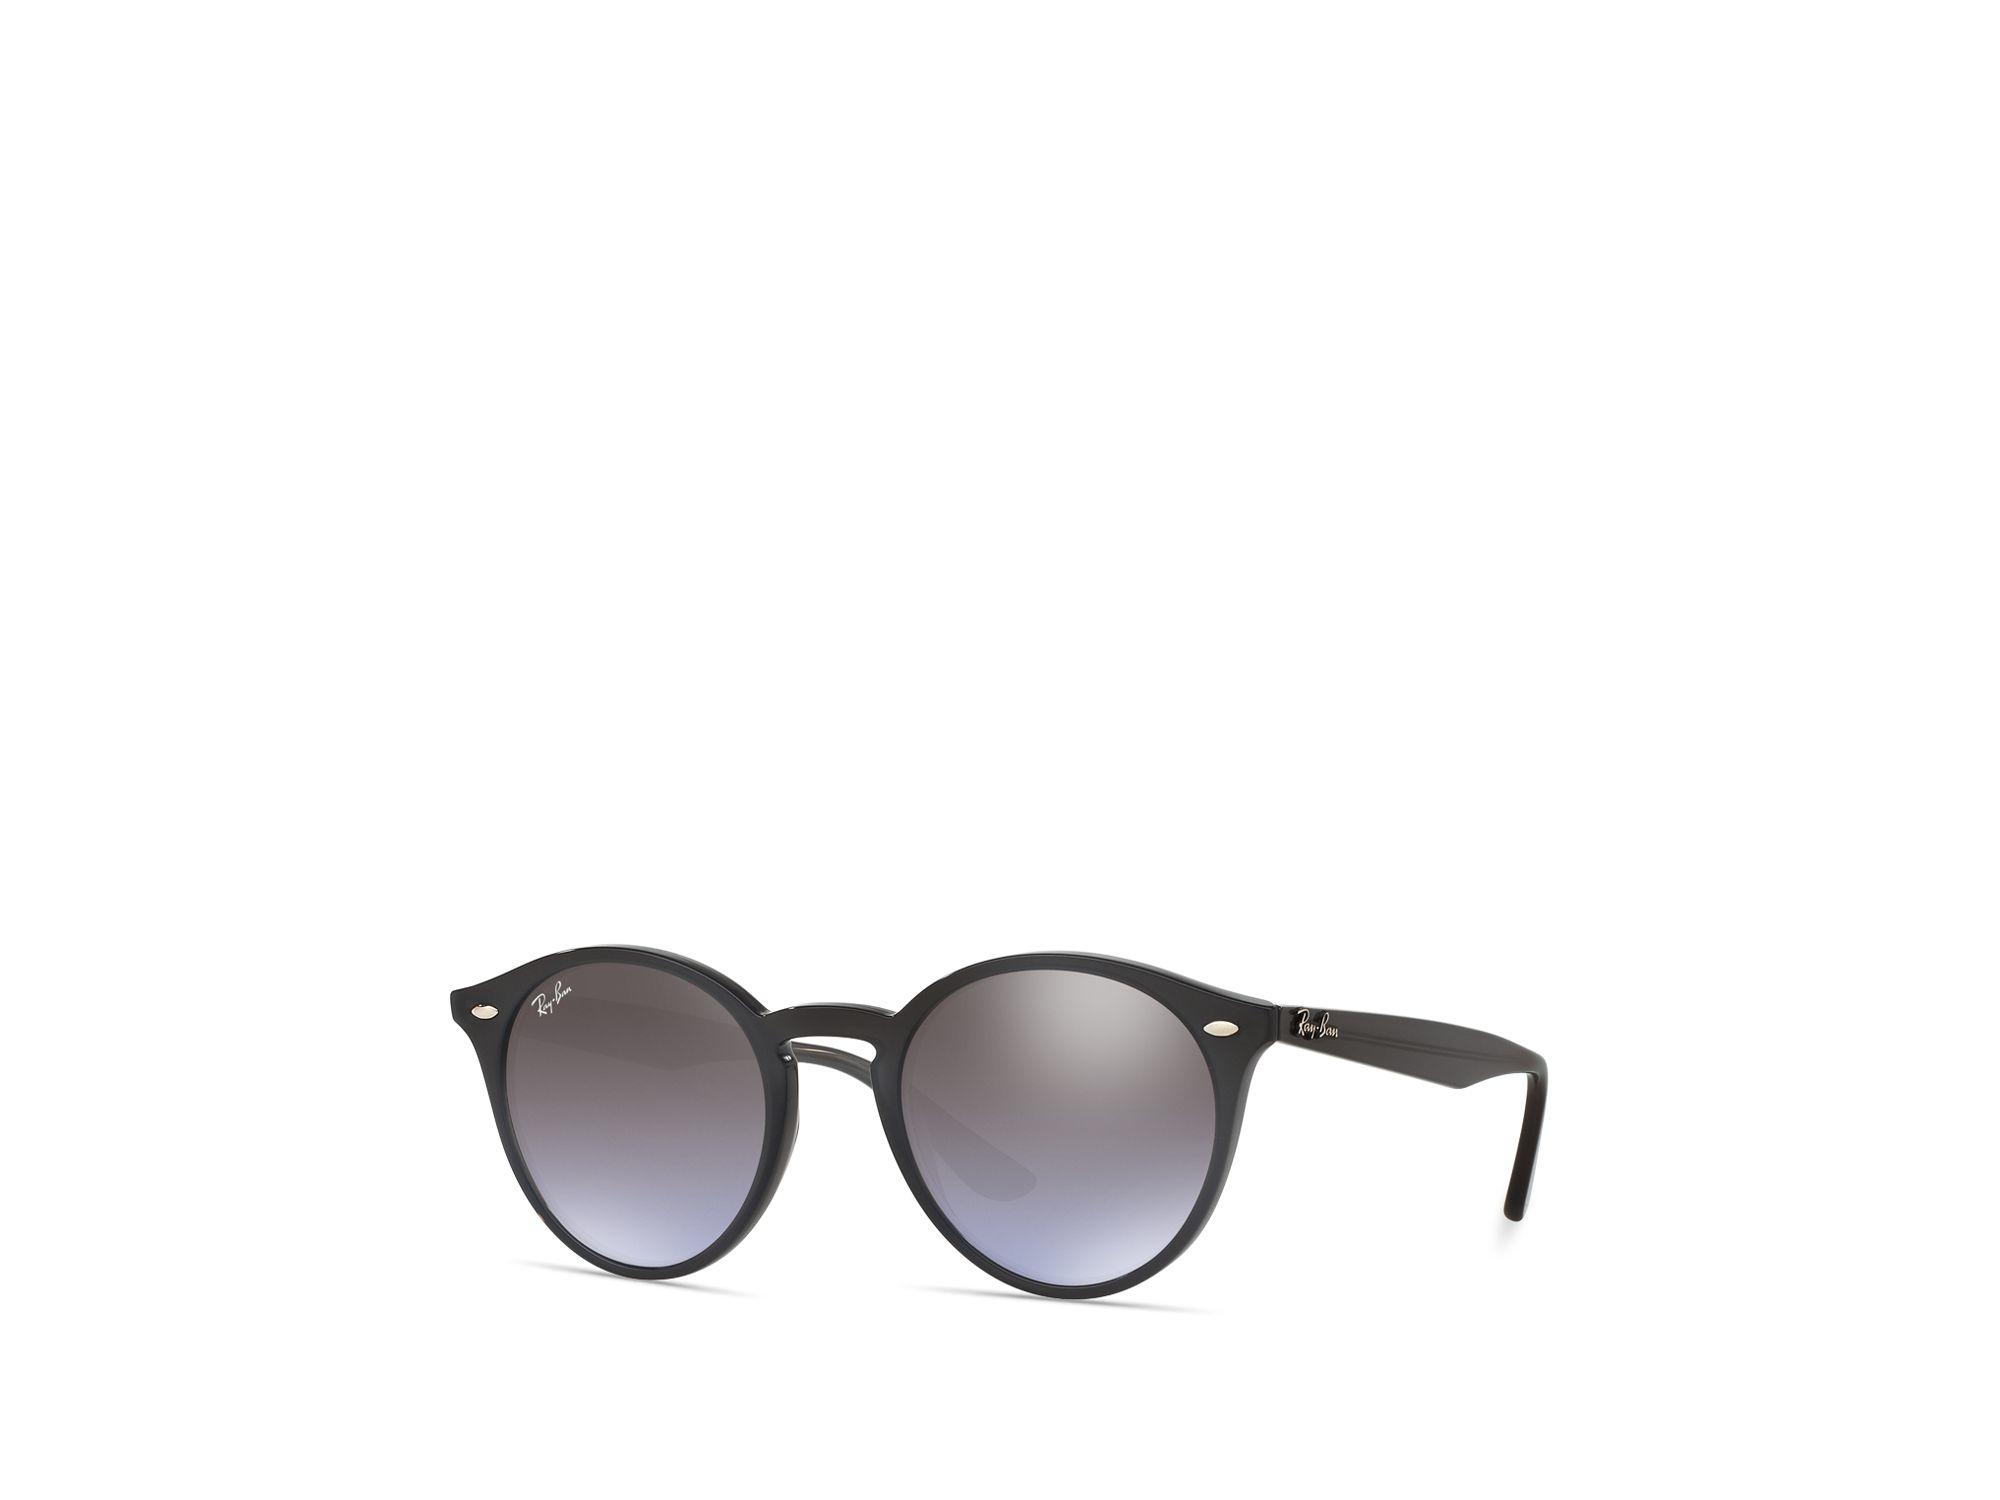 0662bc127a0 Boots Oakley Prescription Sunglasses « Heritage Malta